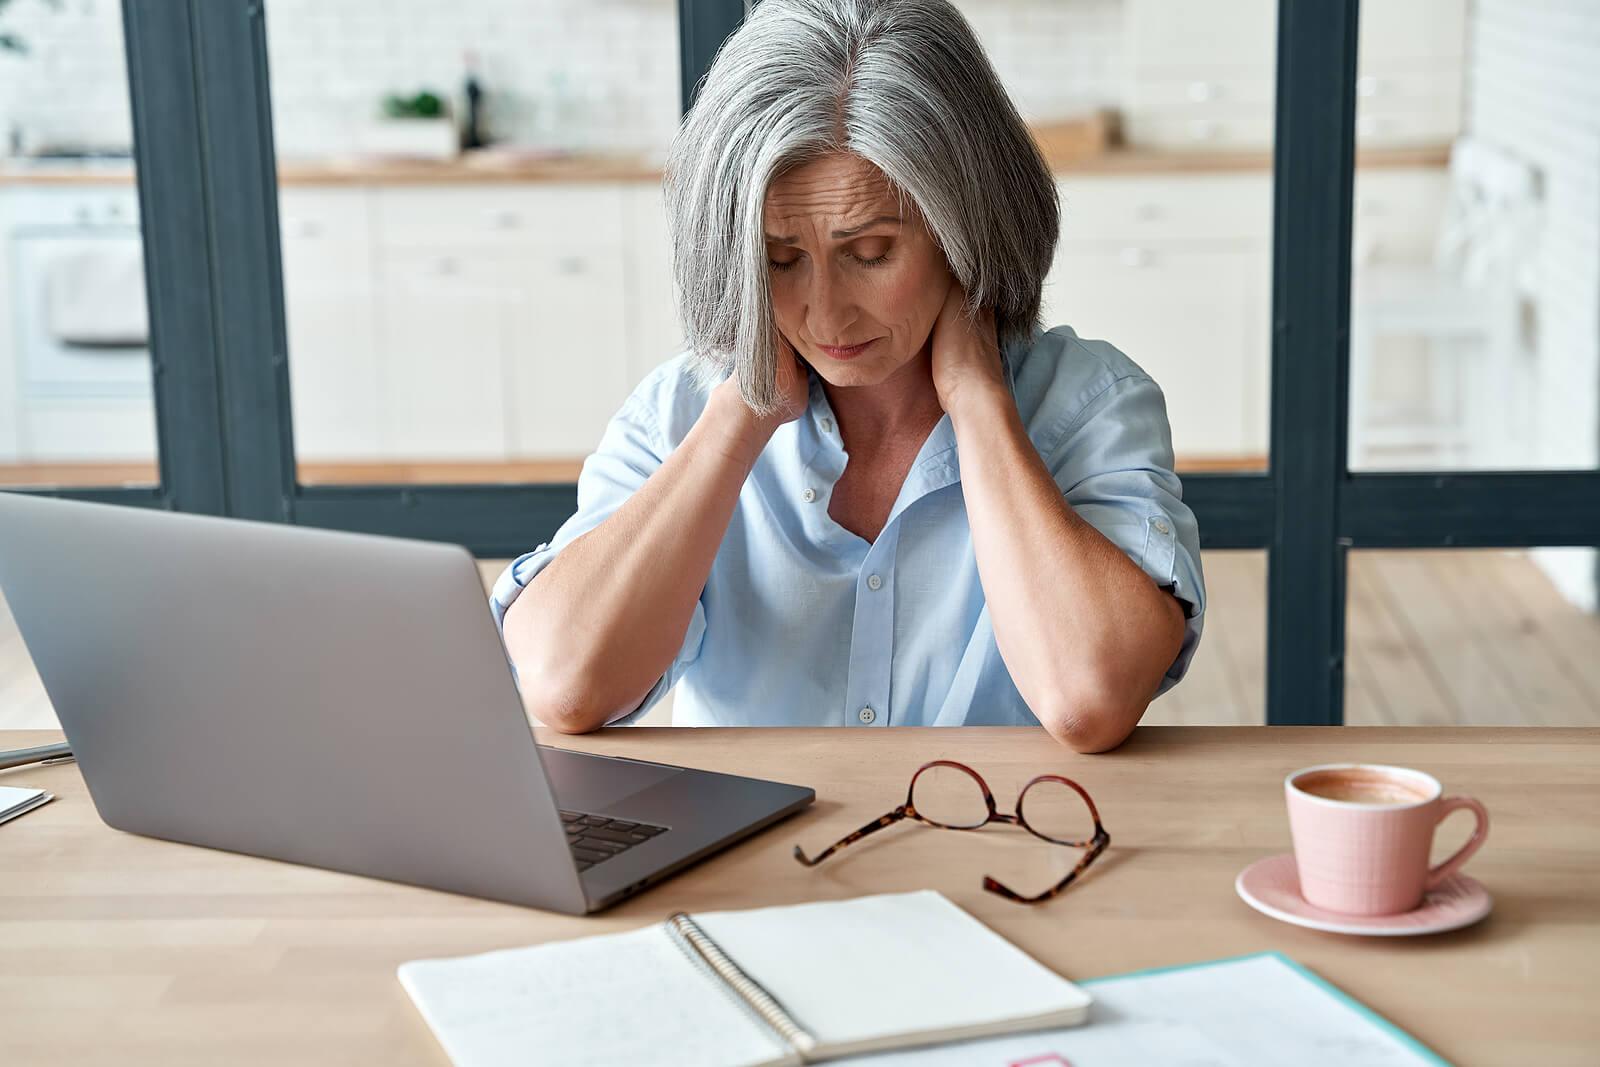 Mujer con dolor de cuello por mala postura frente al ordenador.